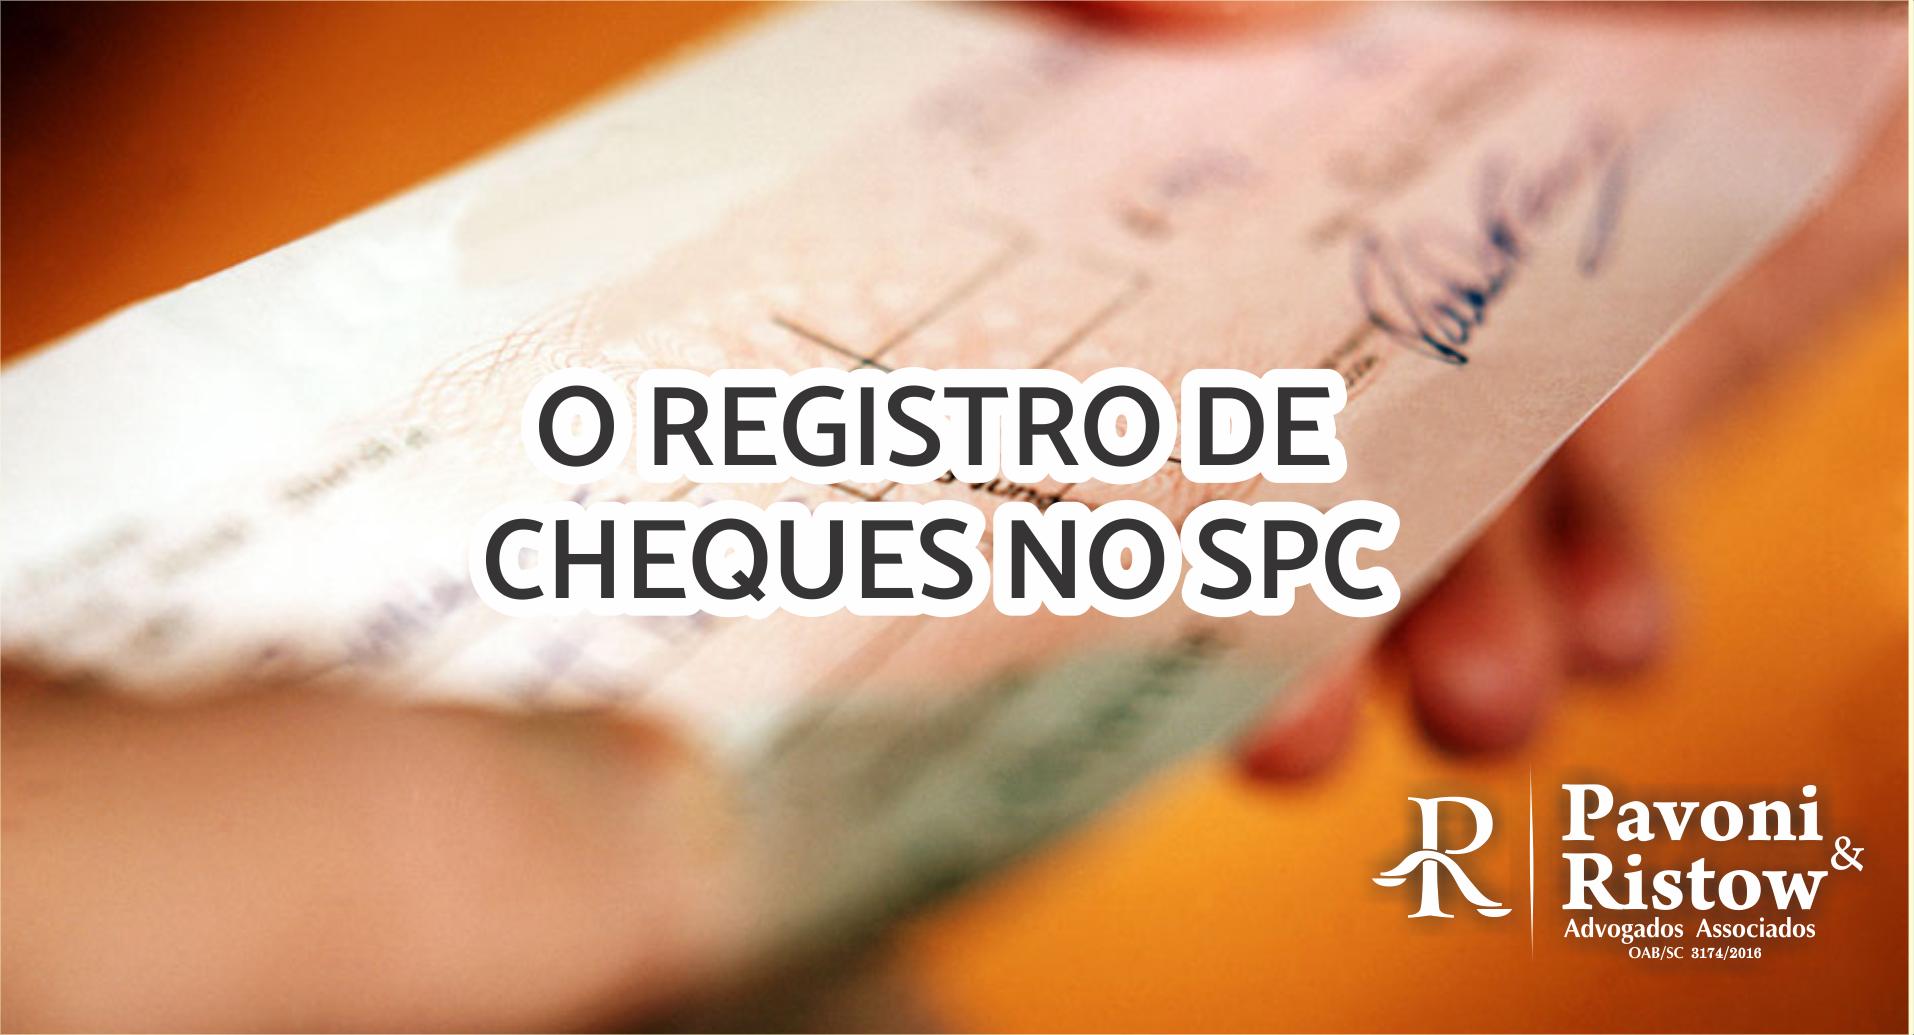 O REGISTRO DE CHEQUES NO SPC